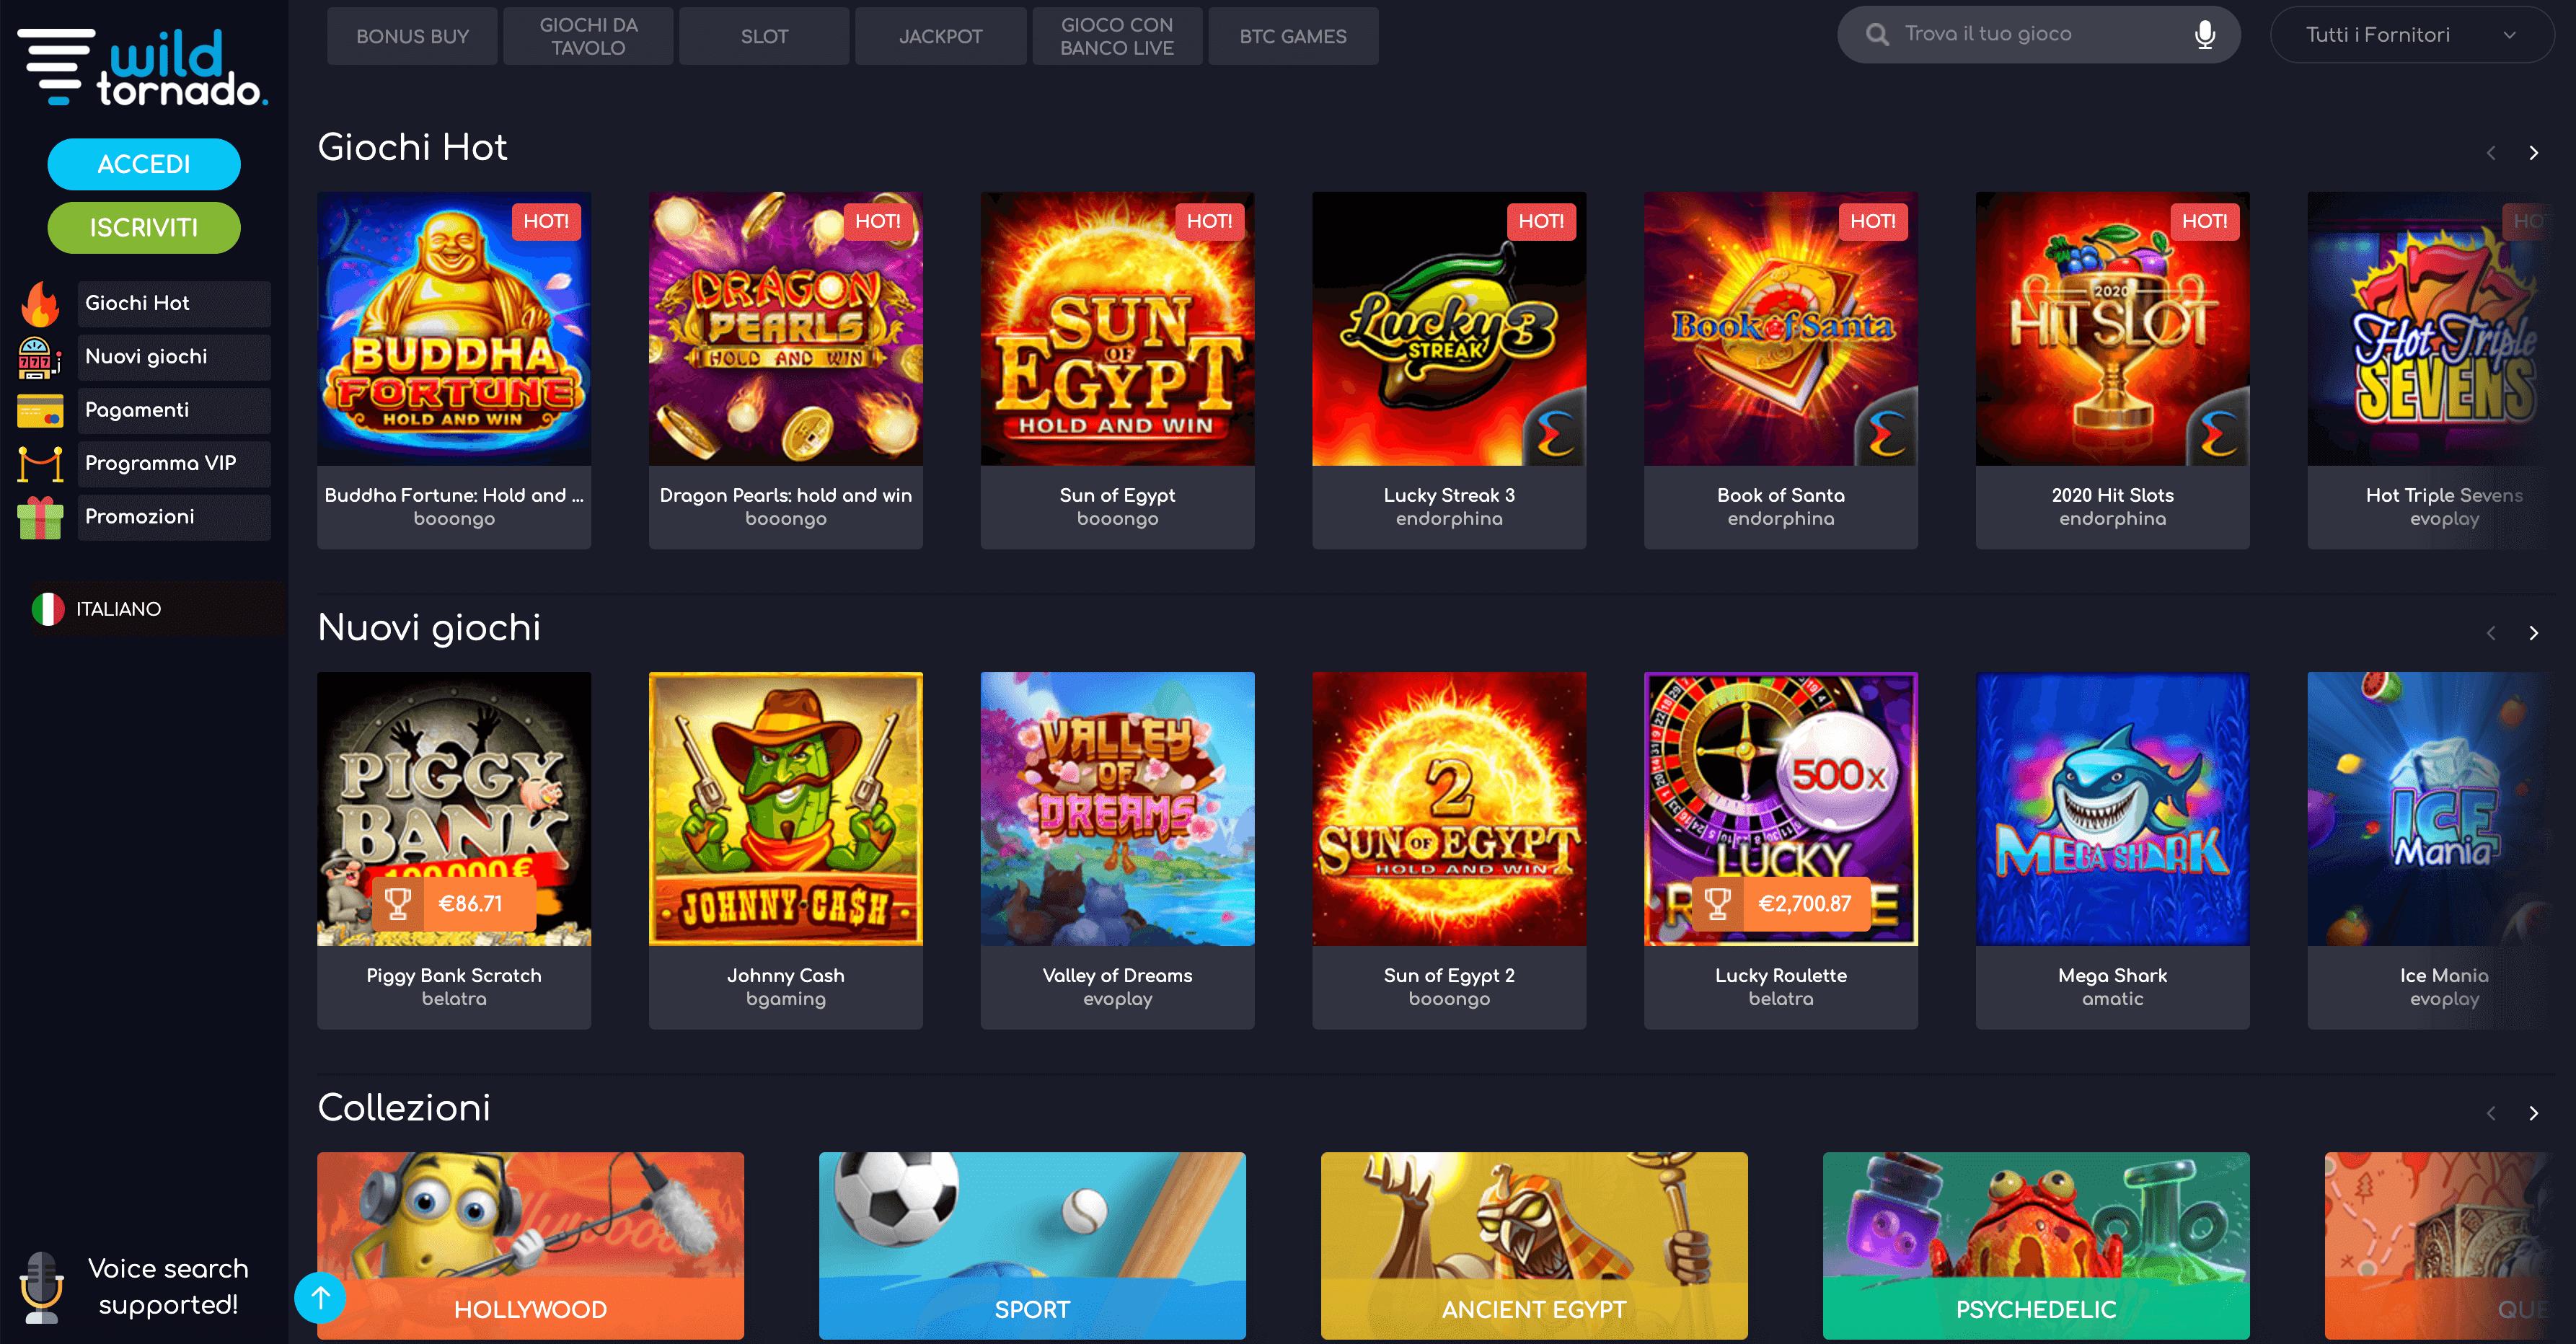 Wildtornado Casino, sviluppato da Soft2Bet. Recensione